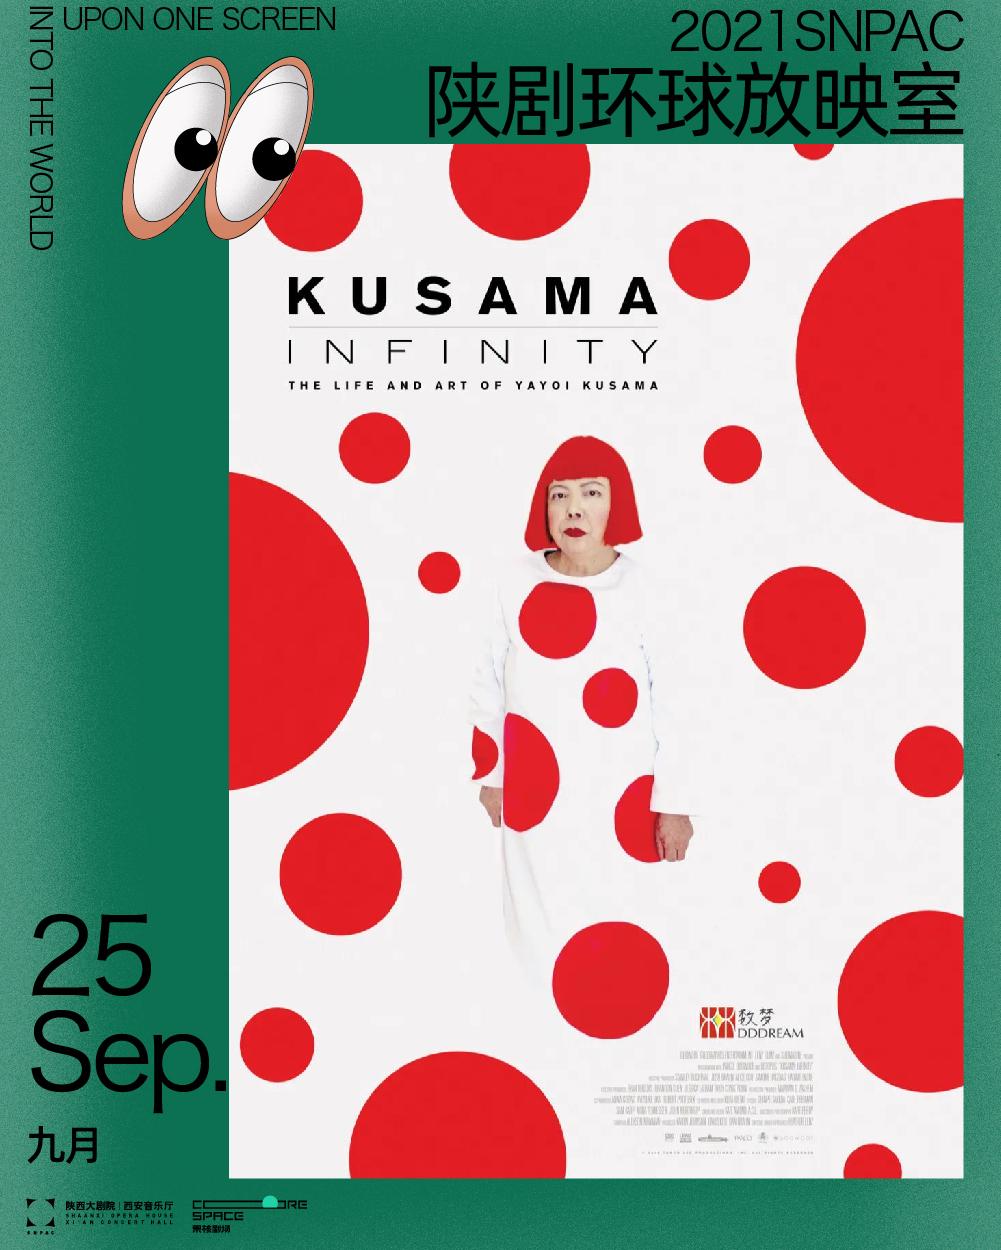 【SNPAC Global Screening】Kusama-Infinity